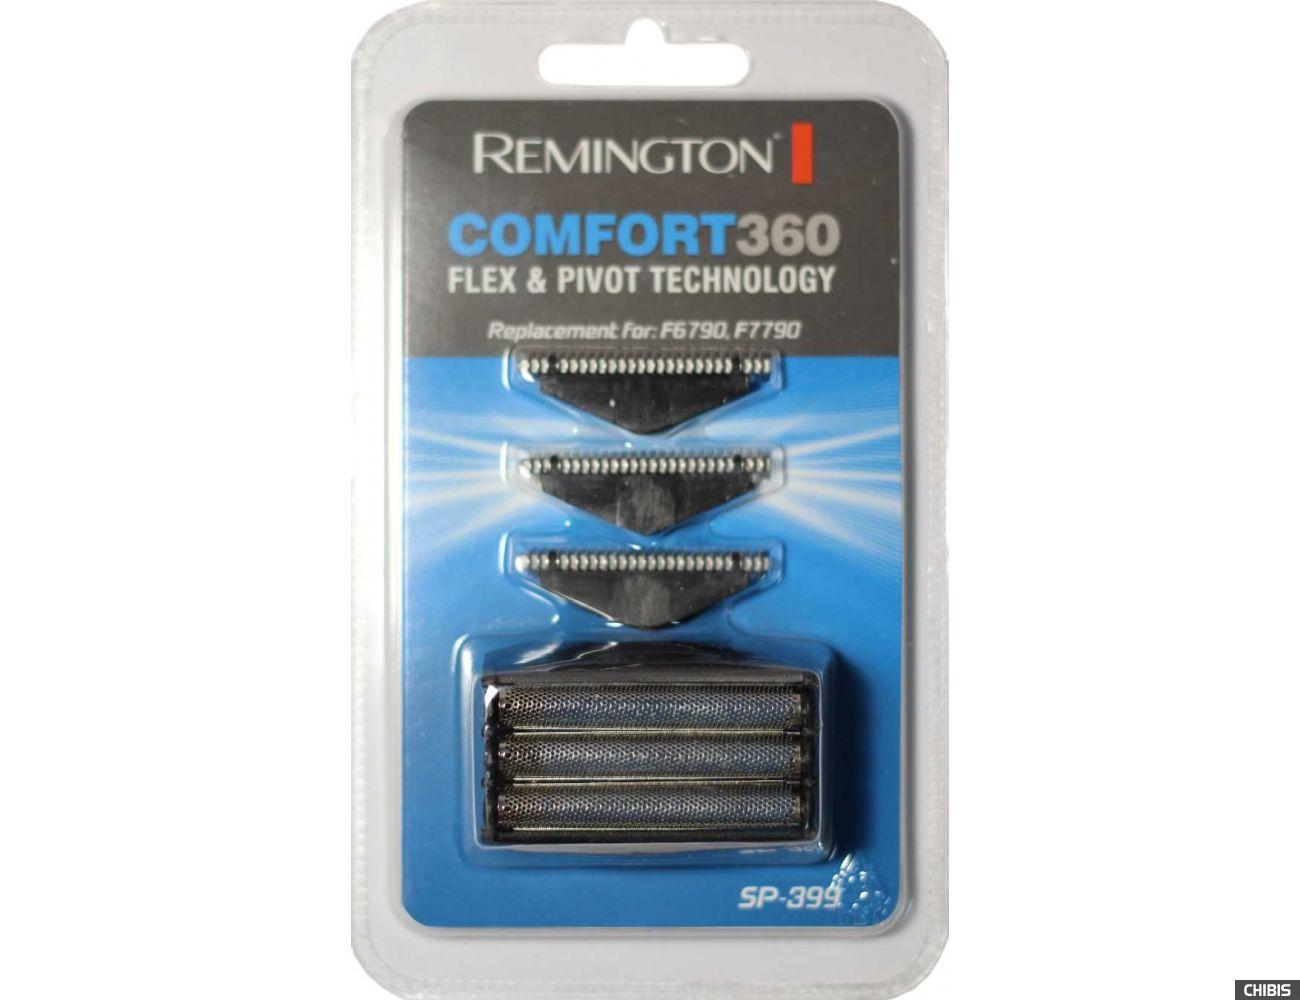 Сетка и режущие элементы для бритв Ремингтон 6790 и 7790 блистер